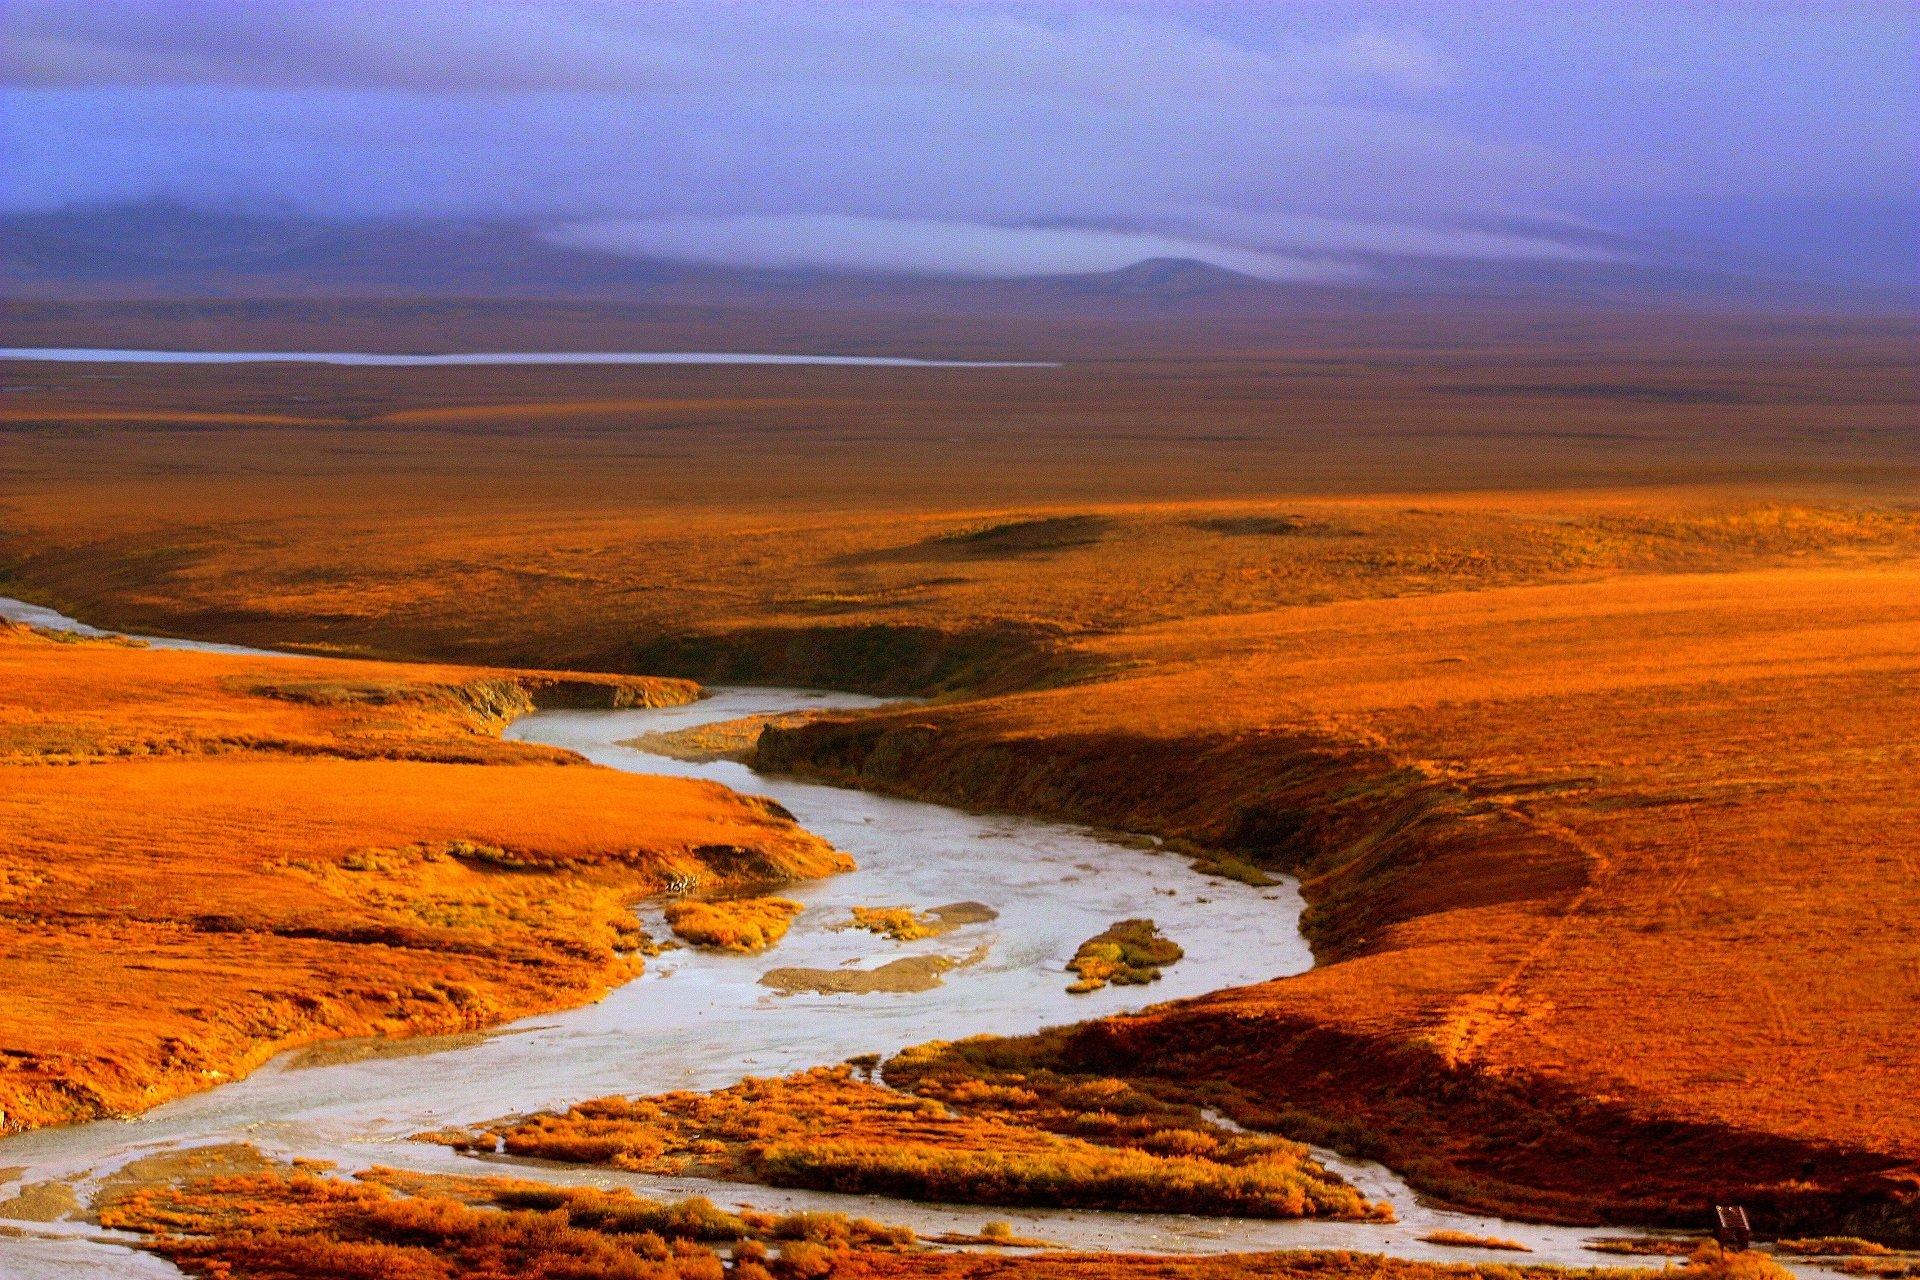 USA-Seward-Alaska-landscape-1920